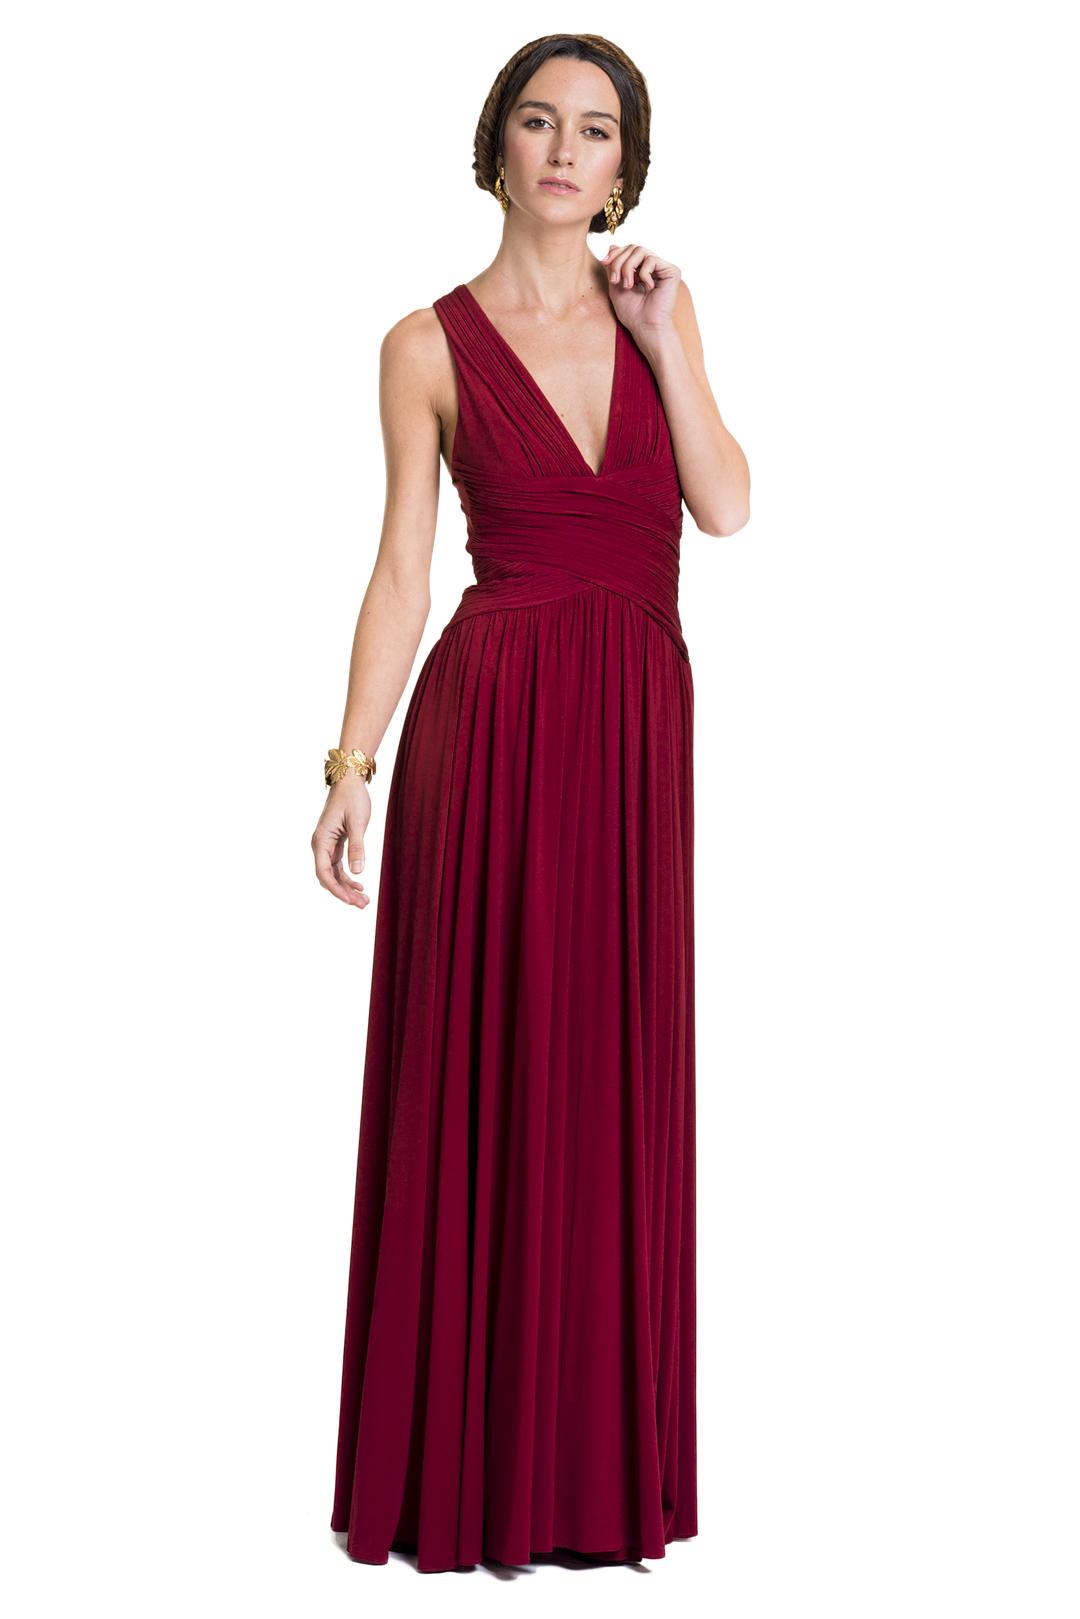 La Vestidos Más Mona Stretch Burdeos Vestido Alquiler De 3Rj5A4Lq